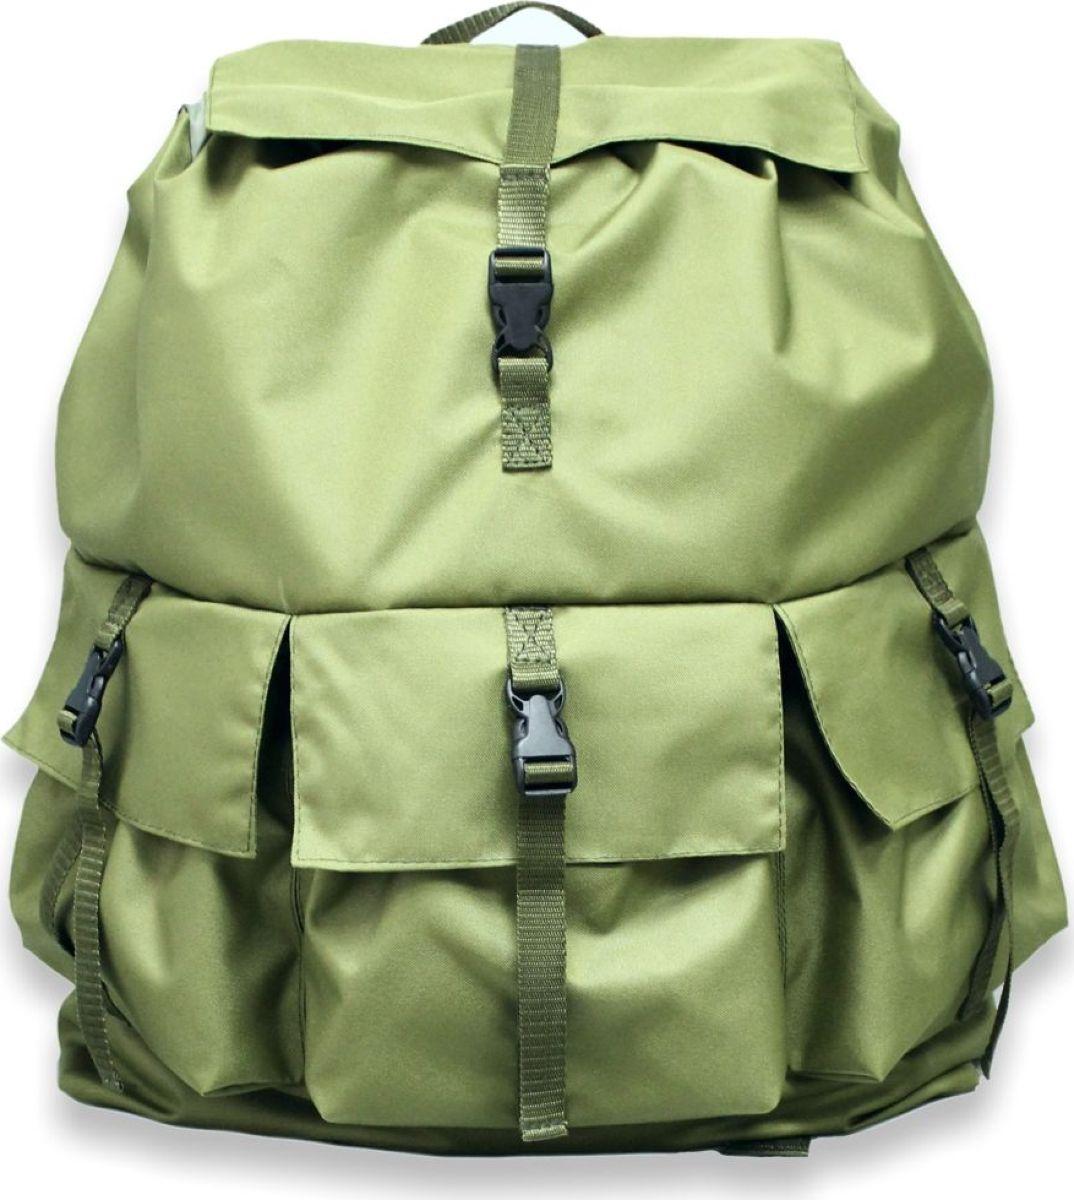 Рюкзак туристический Tplus, цвет: олива, 50 лT009890Туристический рюкзак Tplus объемом 50 литров выполнен из ткани оксфорд. Подобные объемы дают возможность переносить на большие расстояния значительное количество вещей и снаряжения весьма продолжительный срок, в особенности, если имеется необходимость обеспечения на пару недель автономного существования.С таким спутником в путь будет укомплектовано всё, что нужно и за сохранность вещей переживать не придется. К тому же три наружных кармана на лицевой стороне очень удобны для хранения фонарей и ключей, а так же первопотребного инвентаря.Для удобной транспортировки рюкзака предусмотрены плечевые лямки из плотного прочного материала. Предусмотрена ручка, для носки в одной руке.